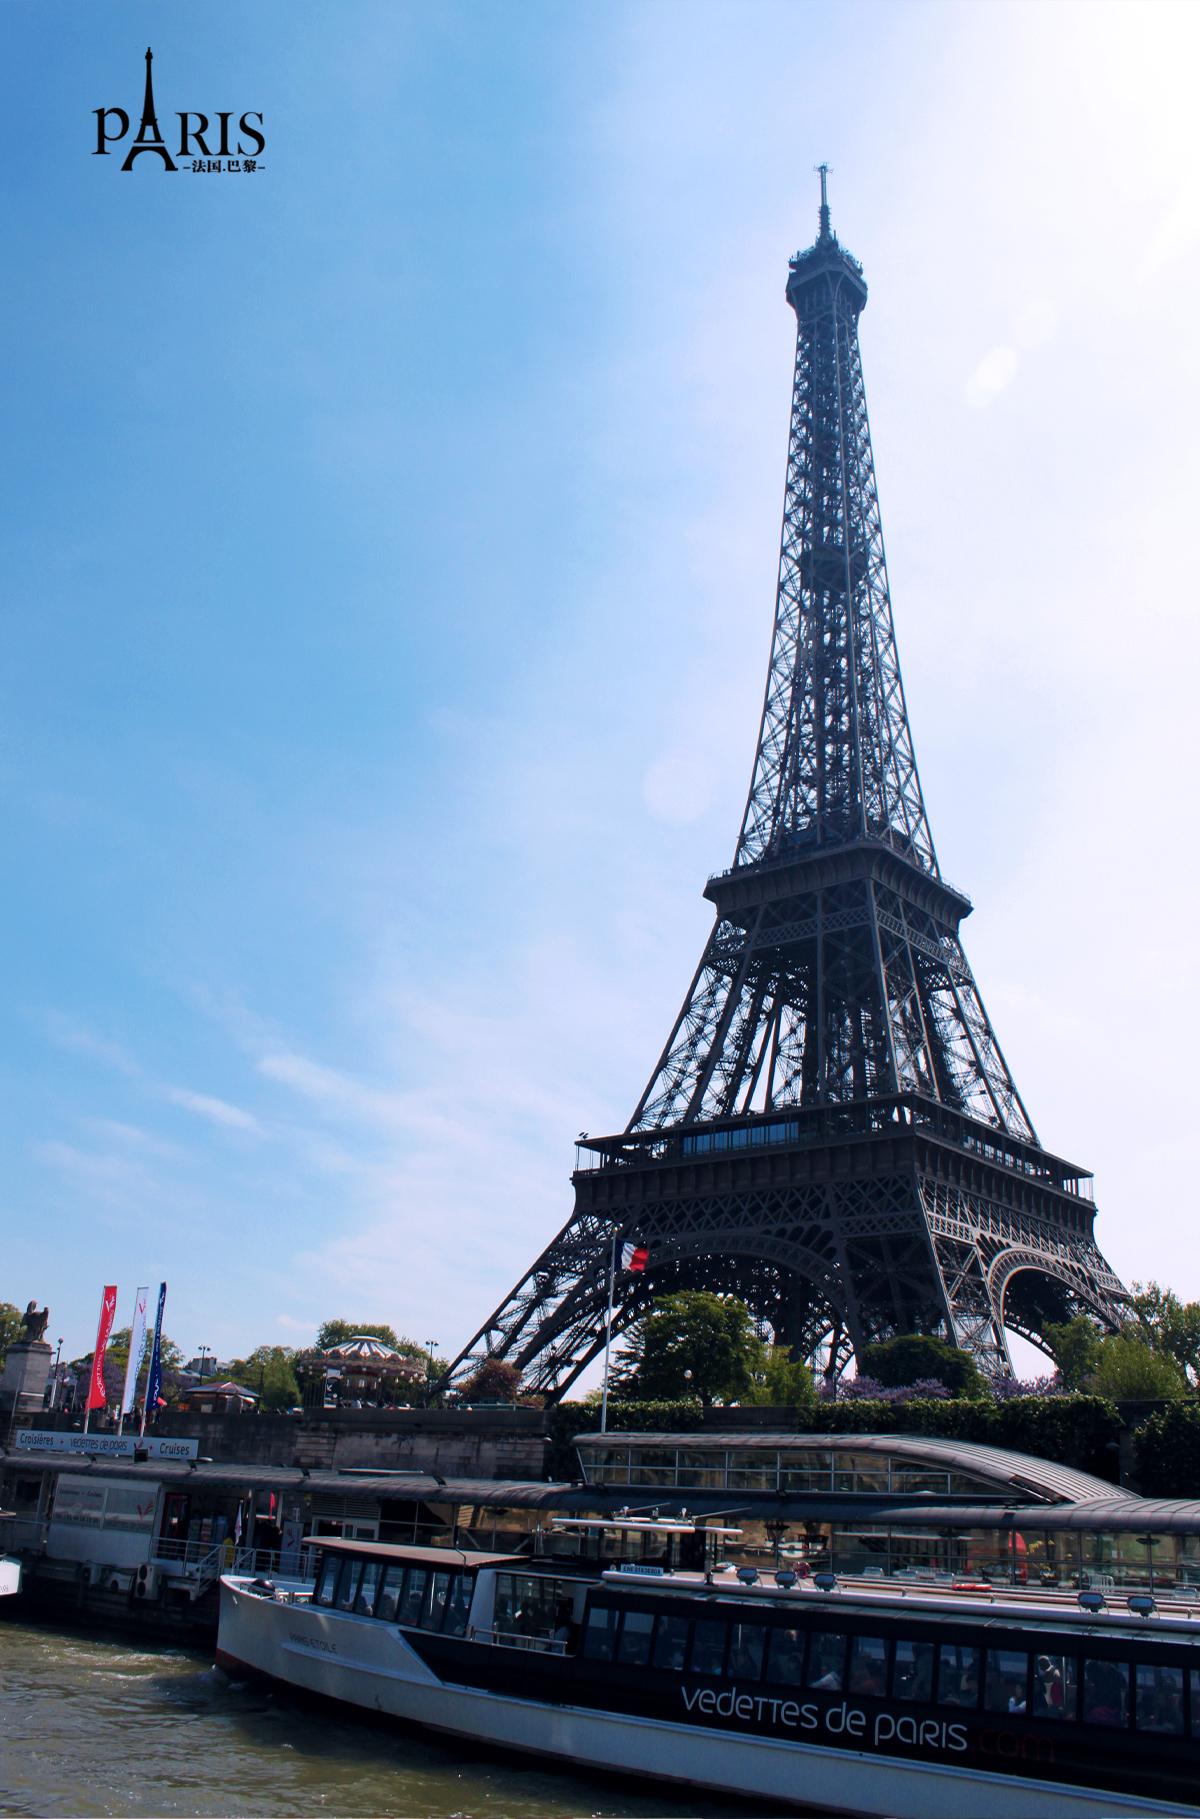 哥特中文歌曲_形容埃菲尔铁塔的英文-埃菲尔铁塔中英文介绍-埃菲尔铁塔英文 ...